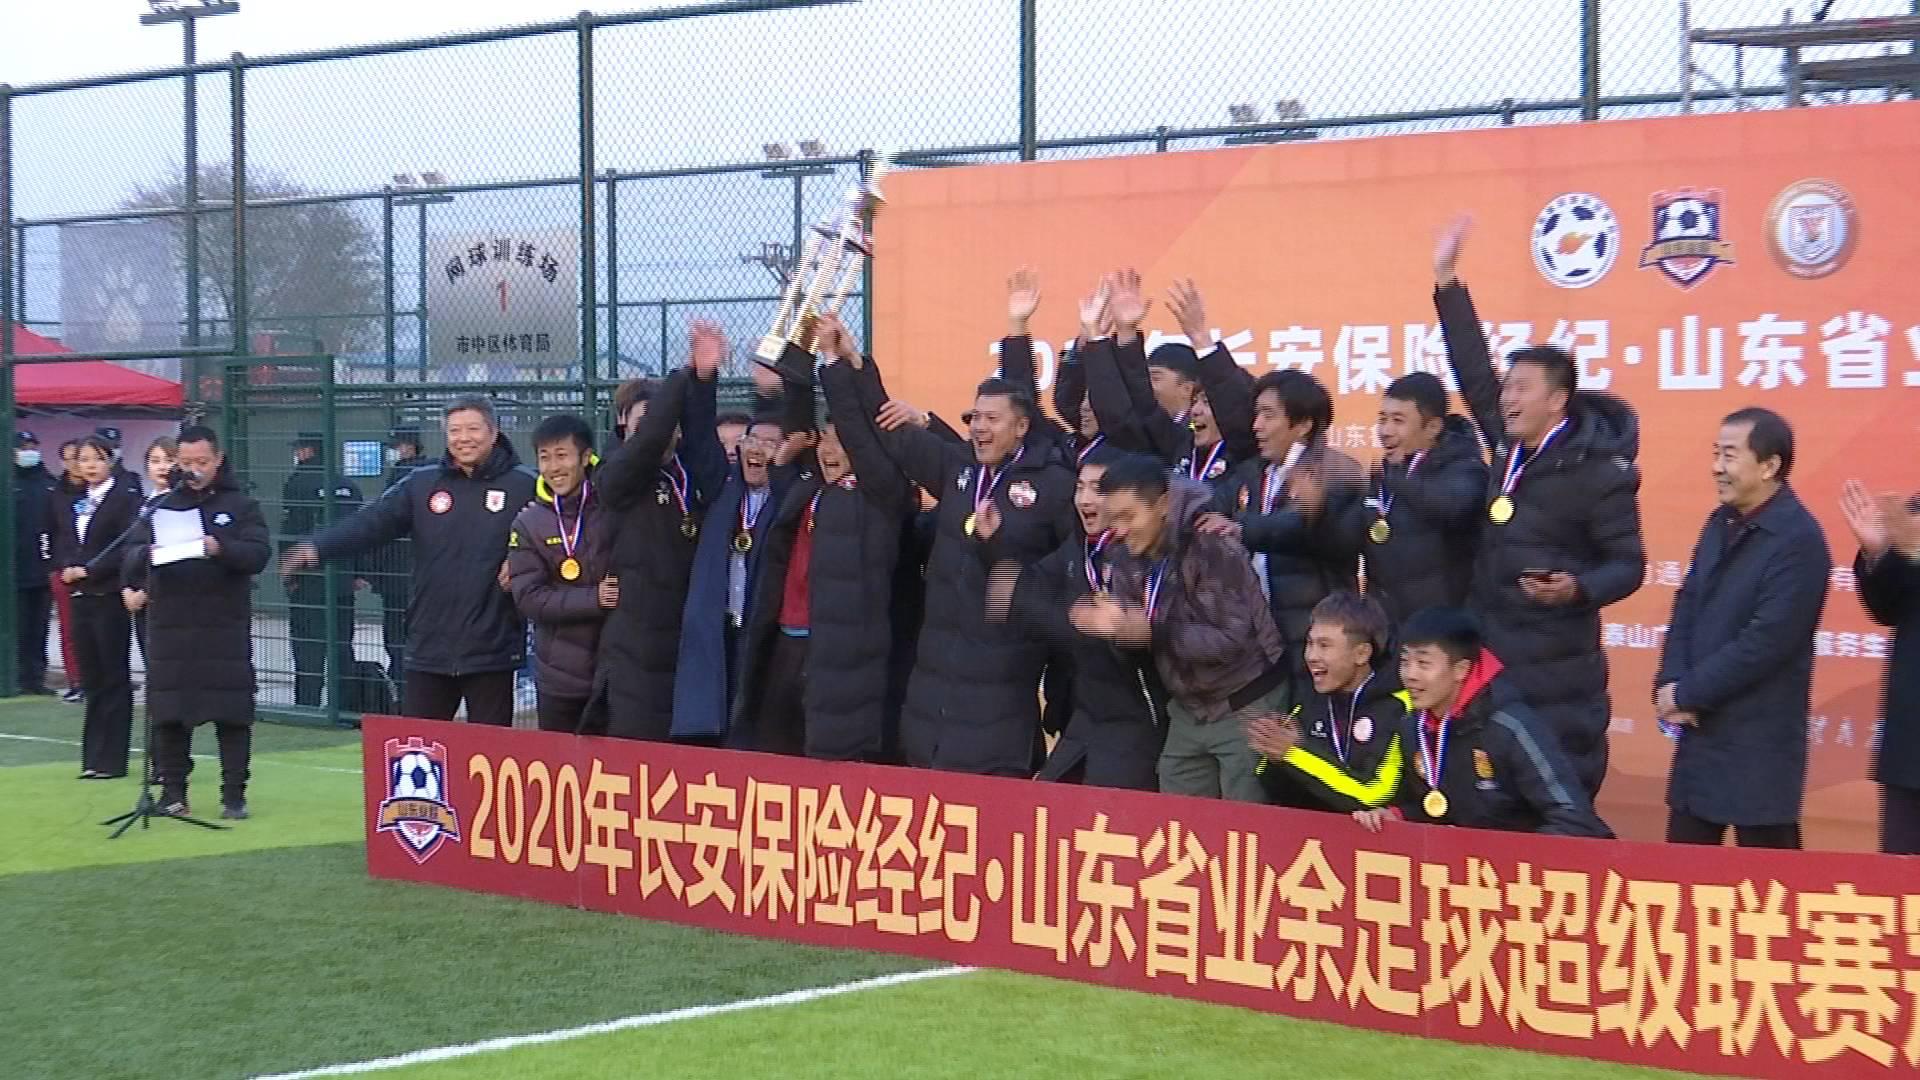 2020年山东省业余足球超级联赛圆满落幕